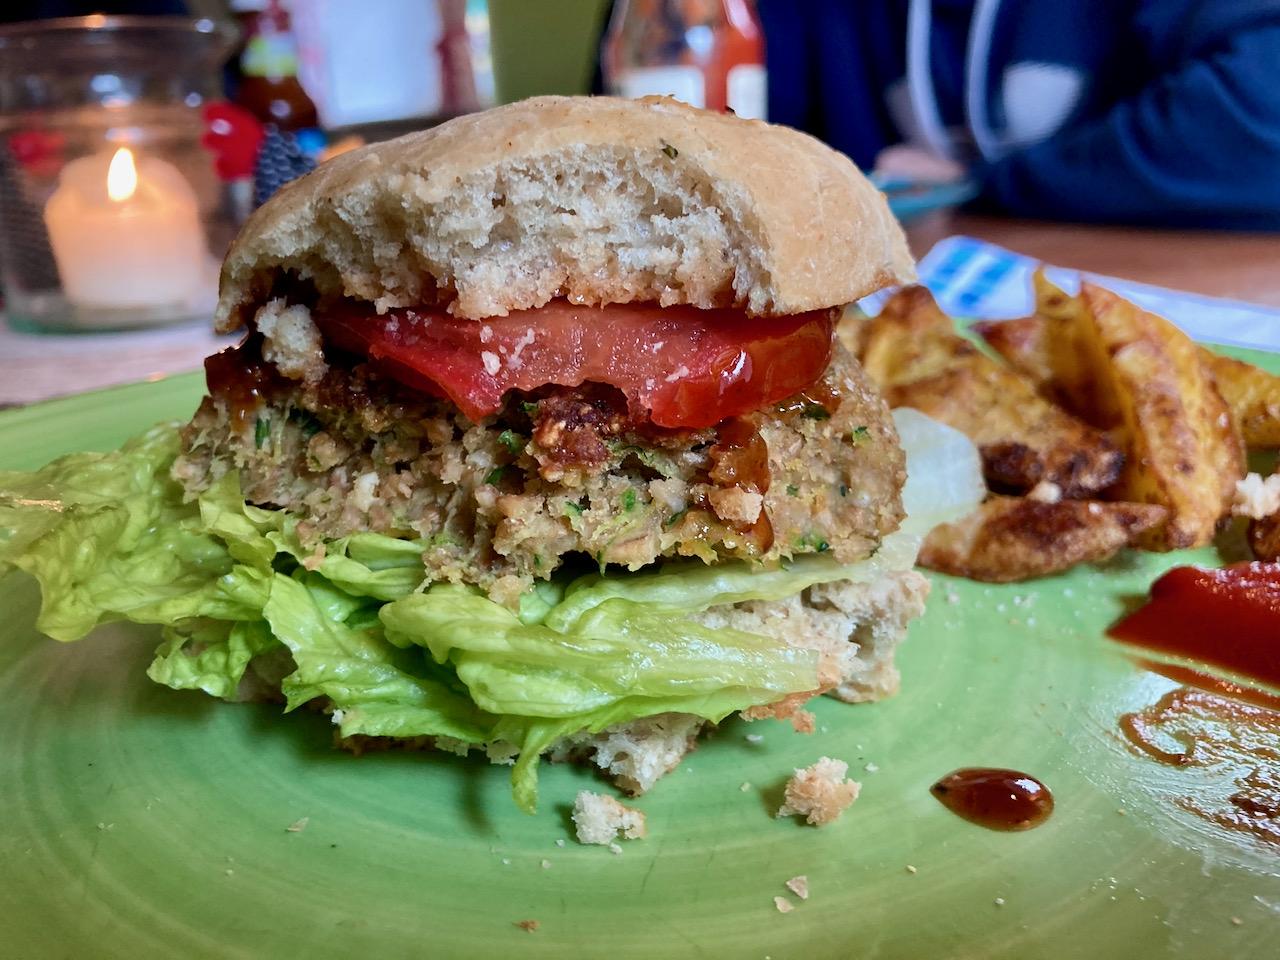 Mmhamburger